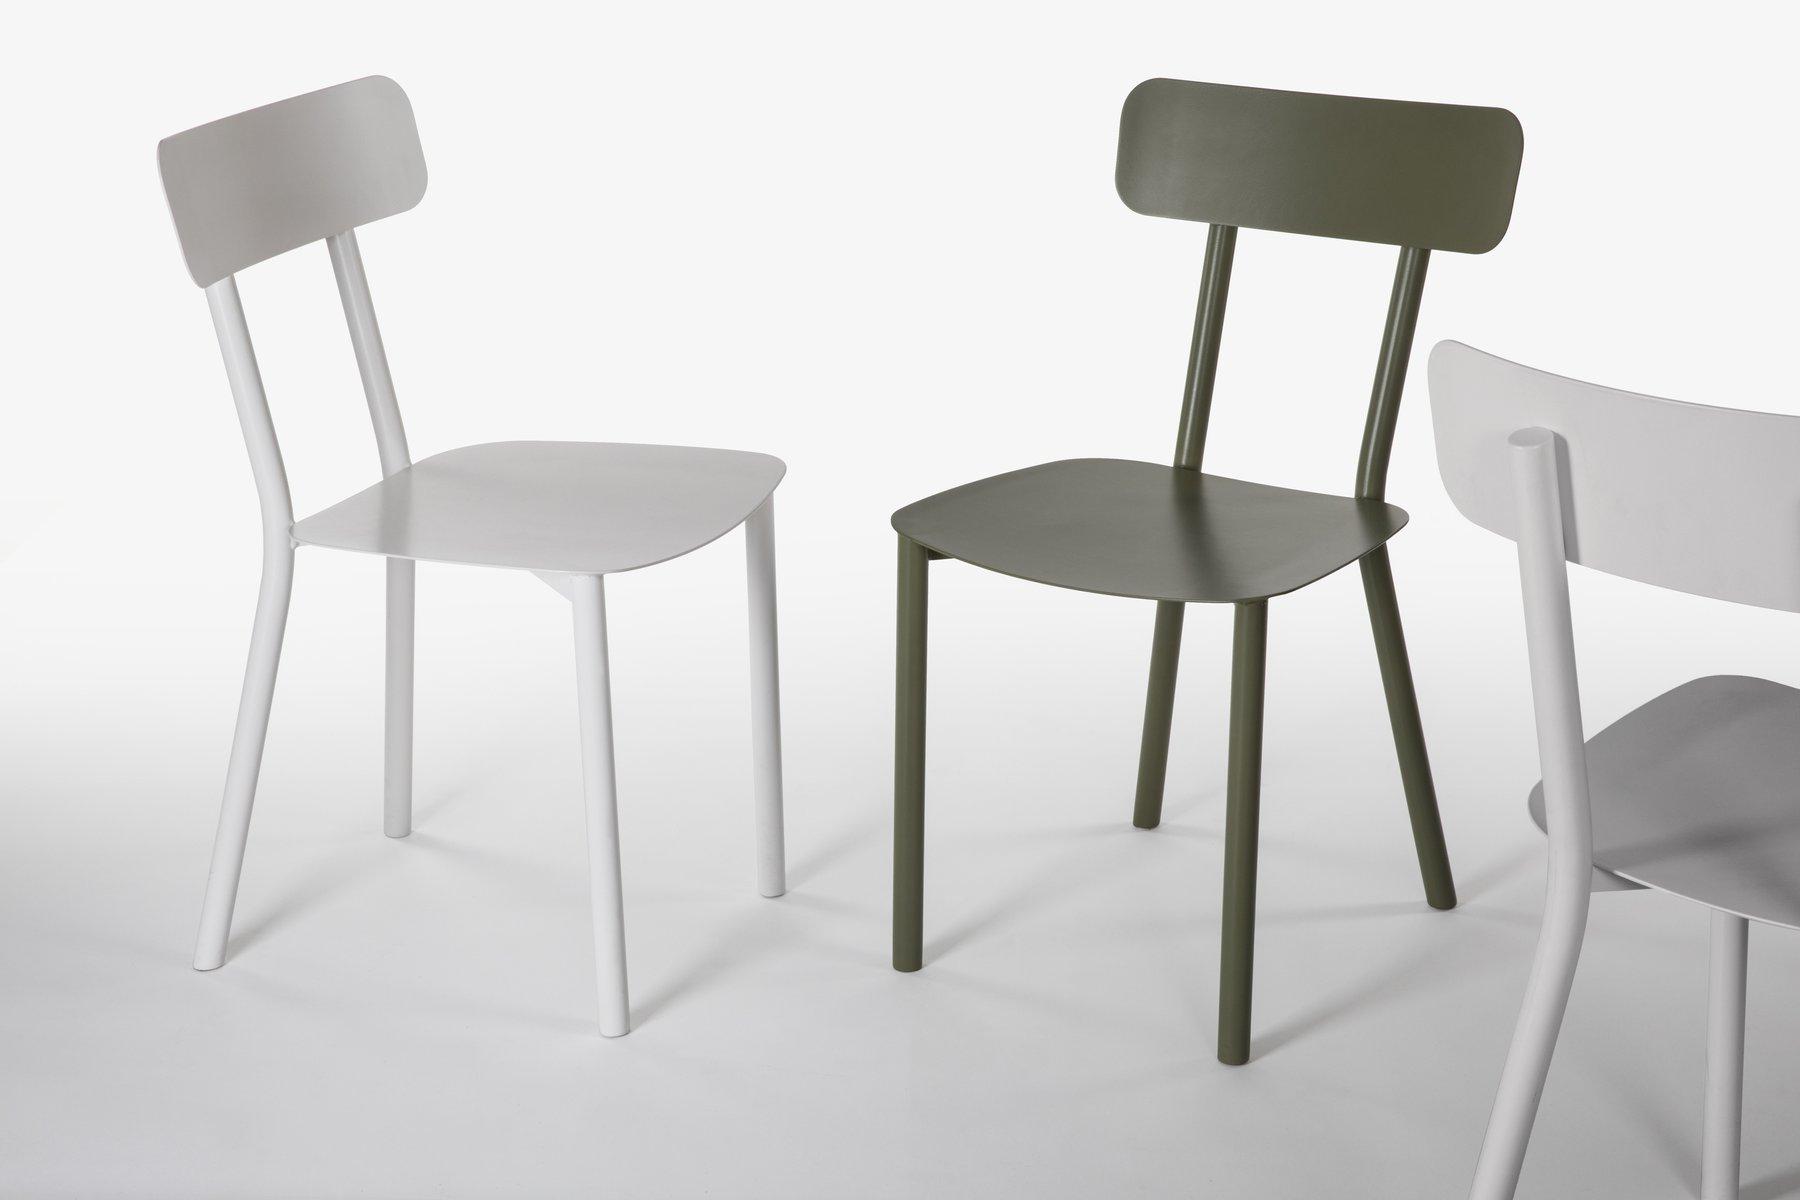 gr ner picto stuhl von elia mangia f r stip bei pamono kaufen. Black Bedroom Furniture Sets. Home Design Ideas